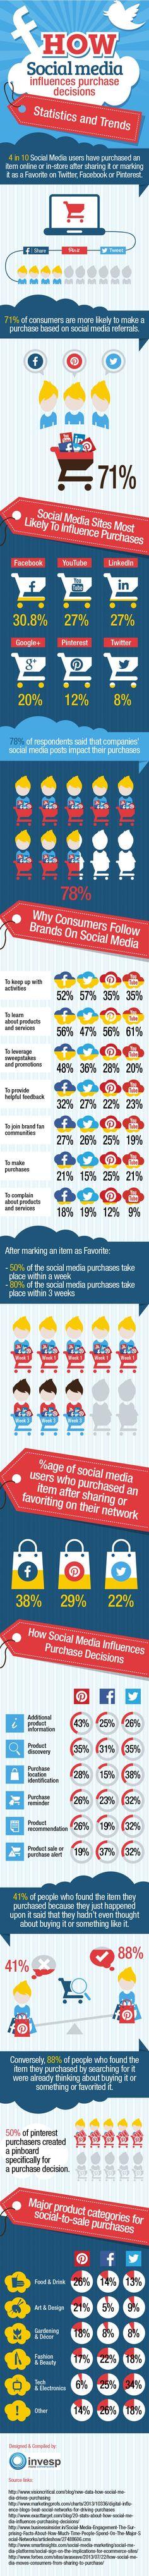 infografia compras redes sociales influencia by socialmediatoday.com